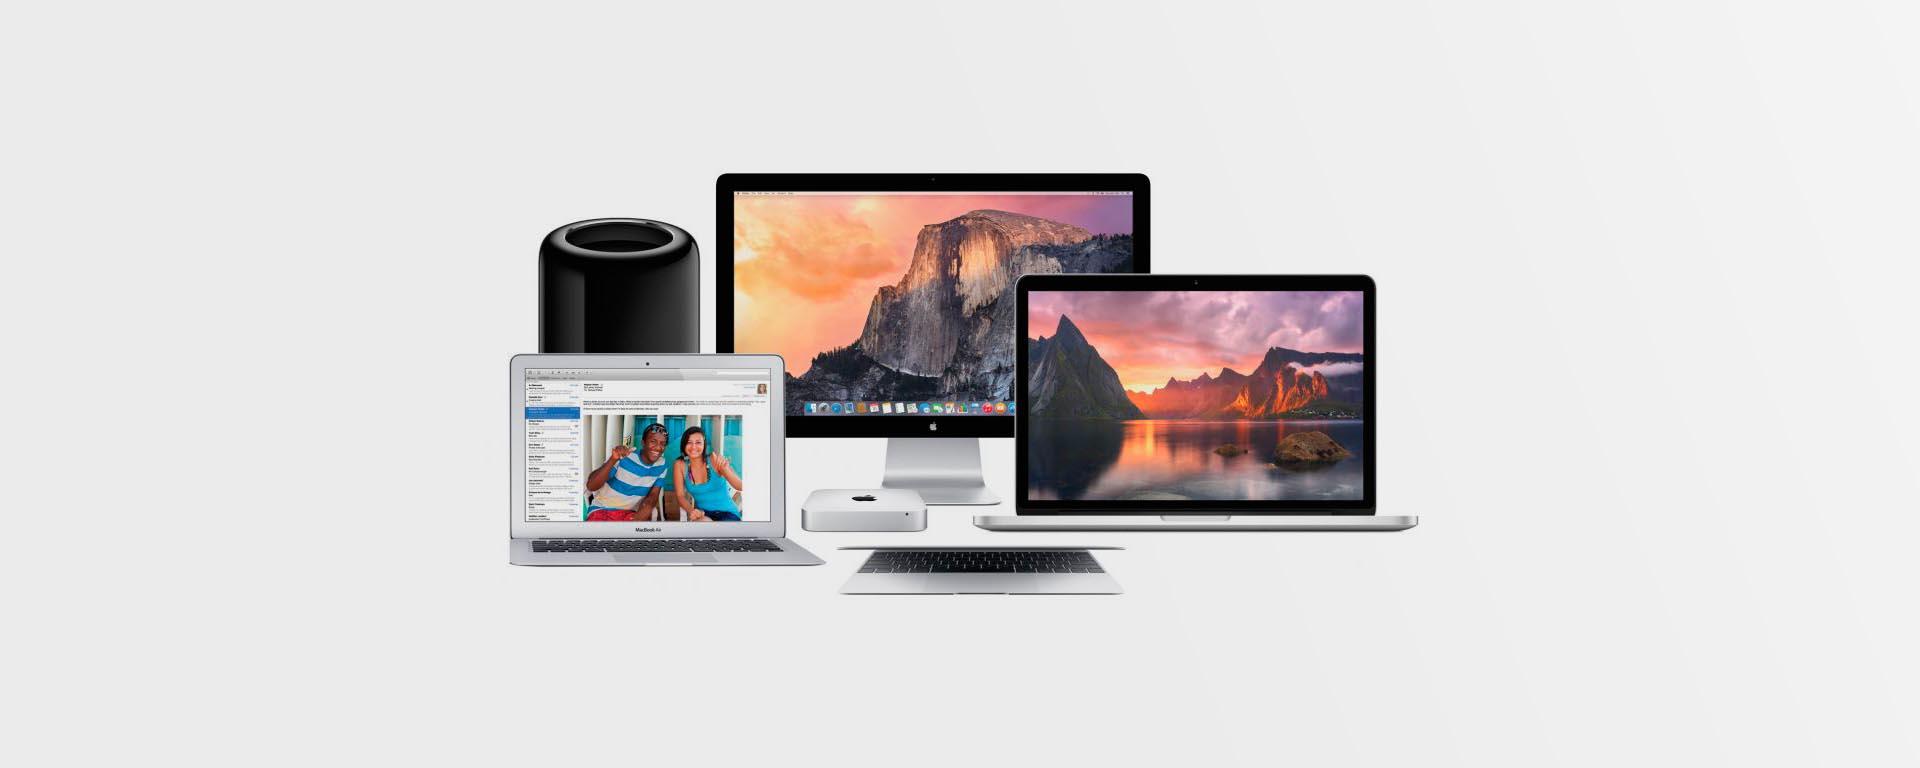 Лучшие компьютеры Mac в 2015 году